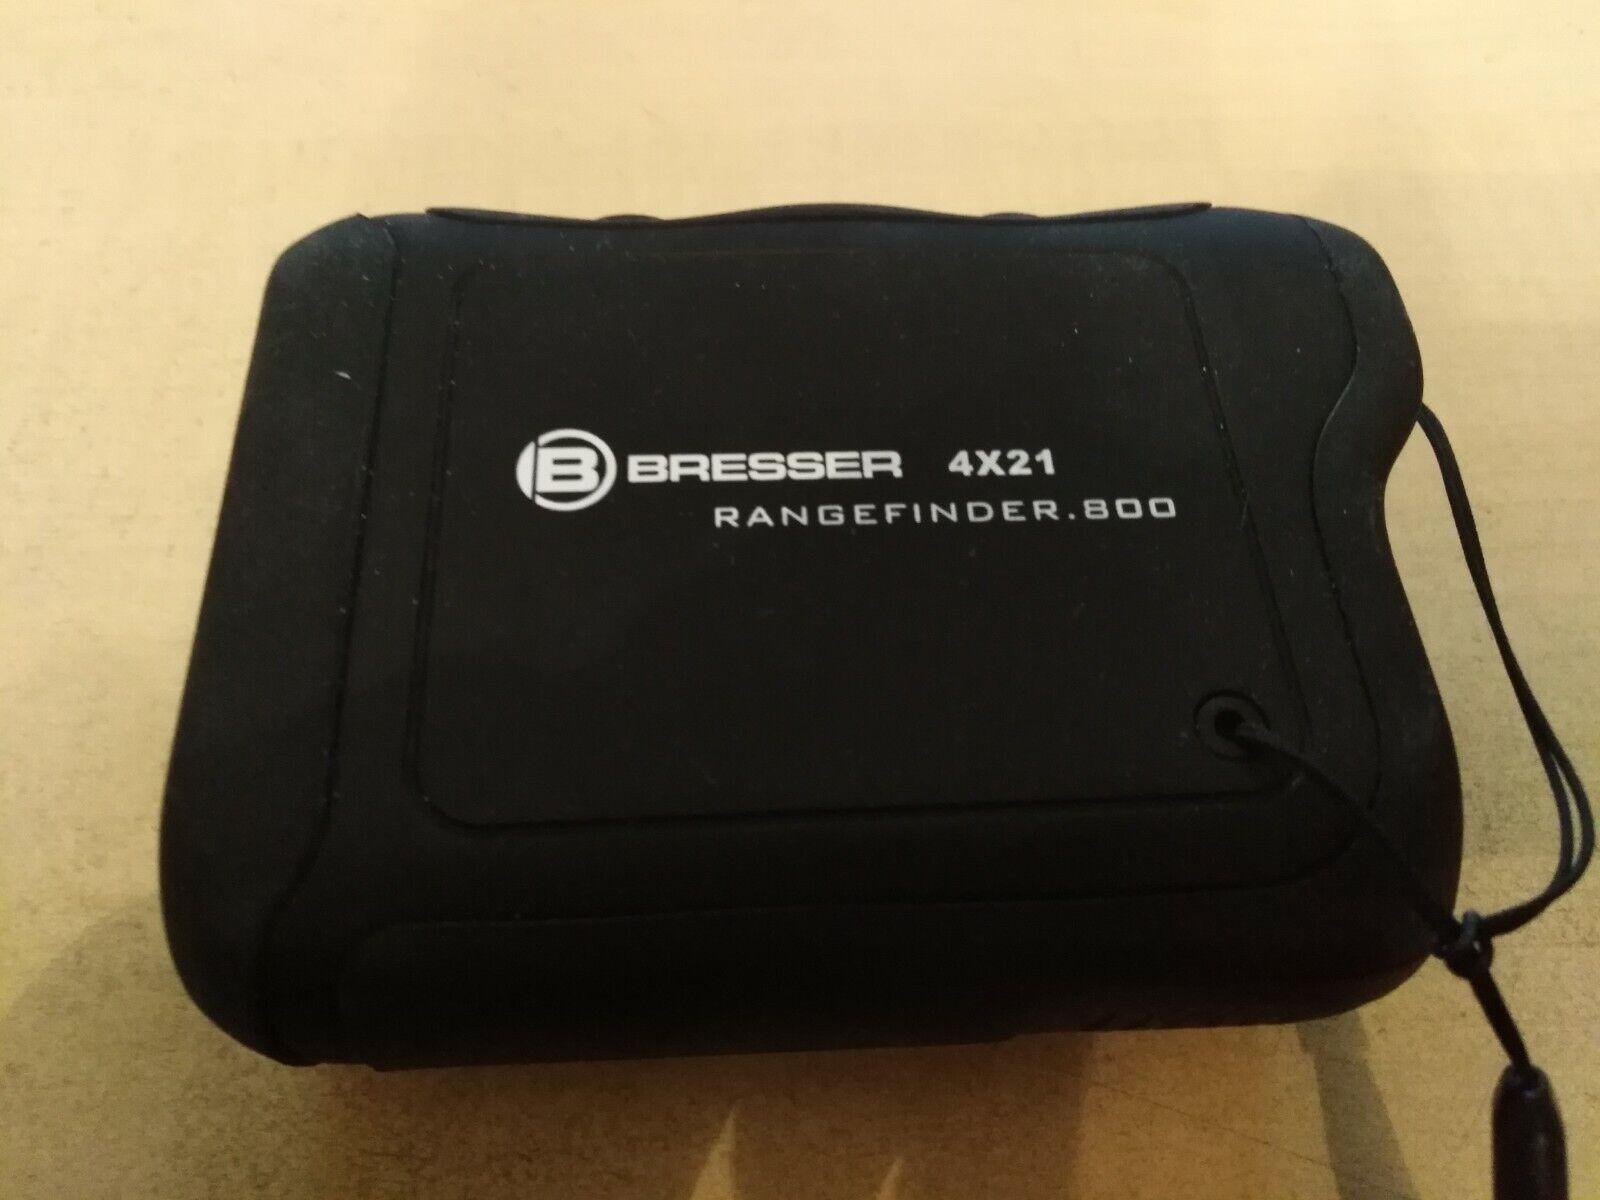 Swarovski Entfernungsmesser Laser Guide 8x30 Preis : Swarovski entfernungsmesser laser guide gebraucht